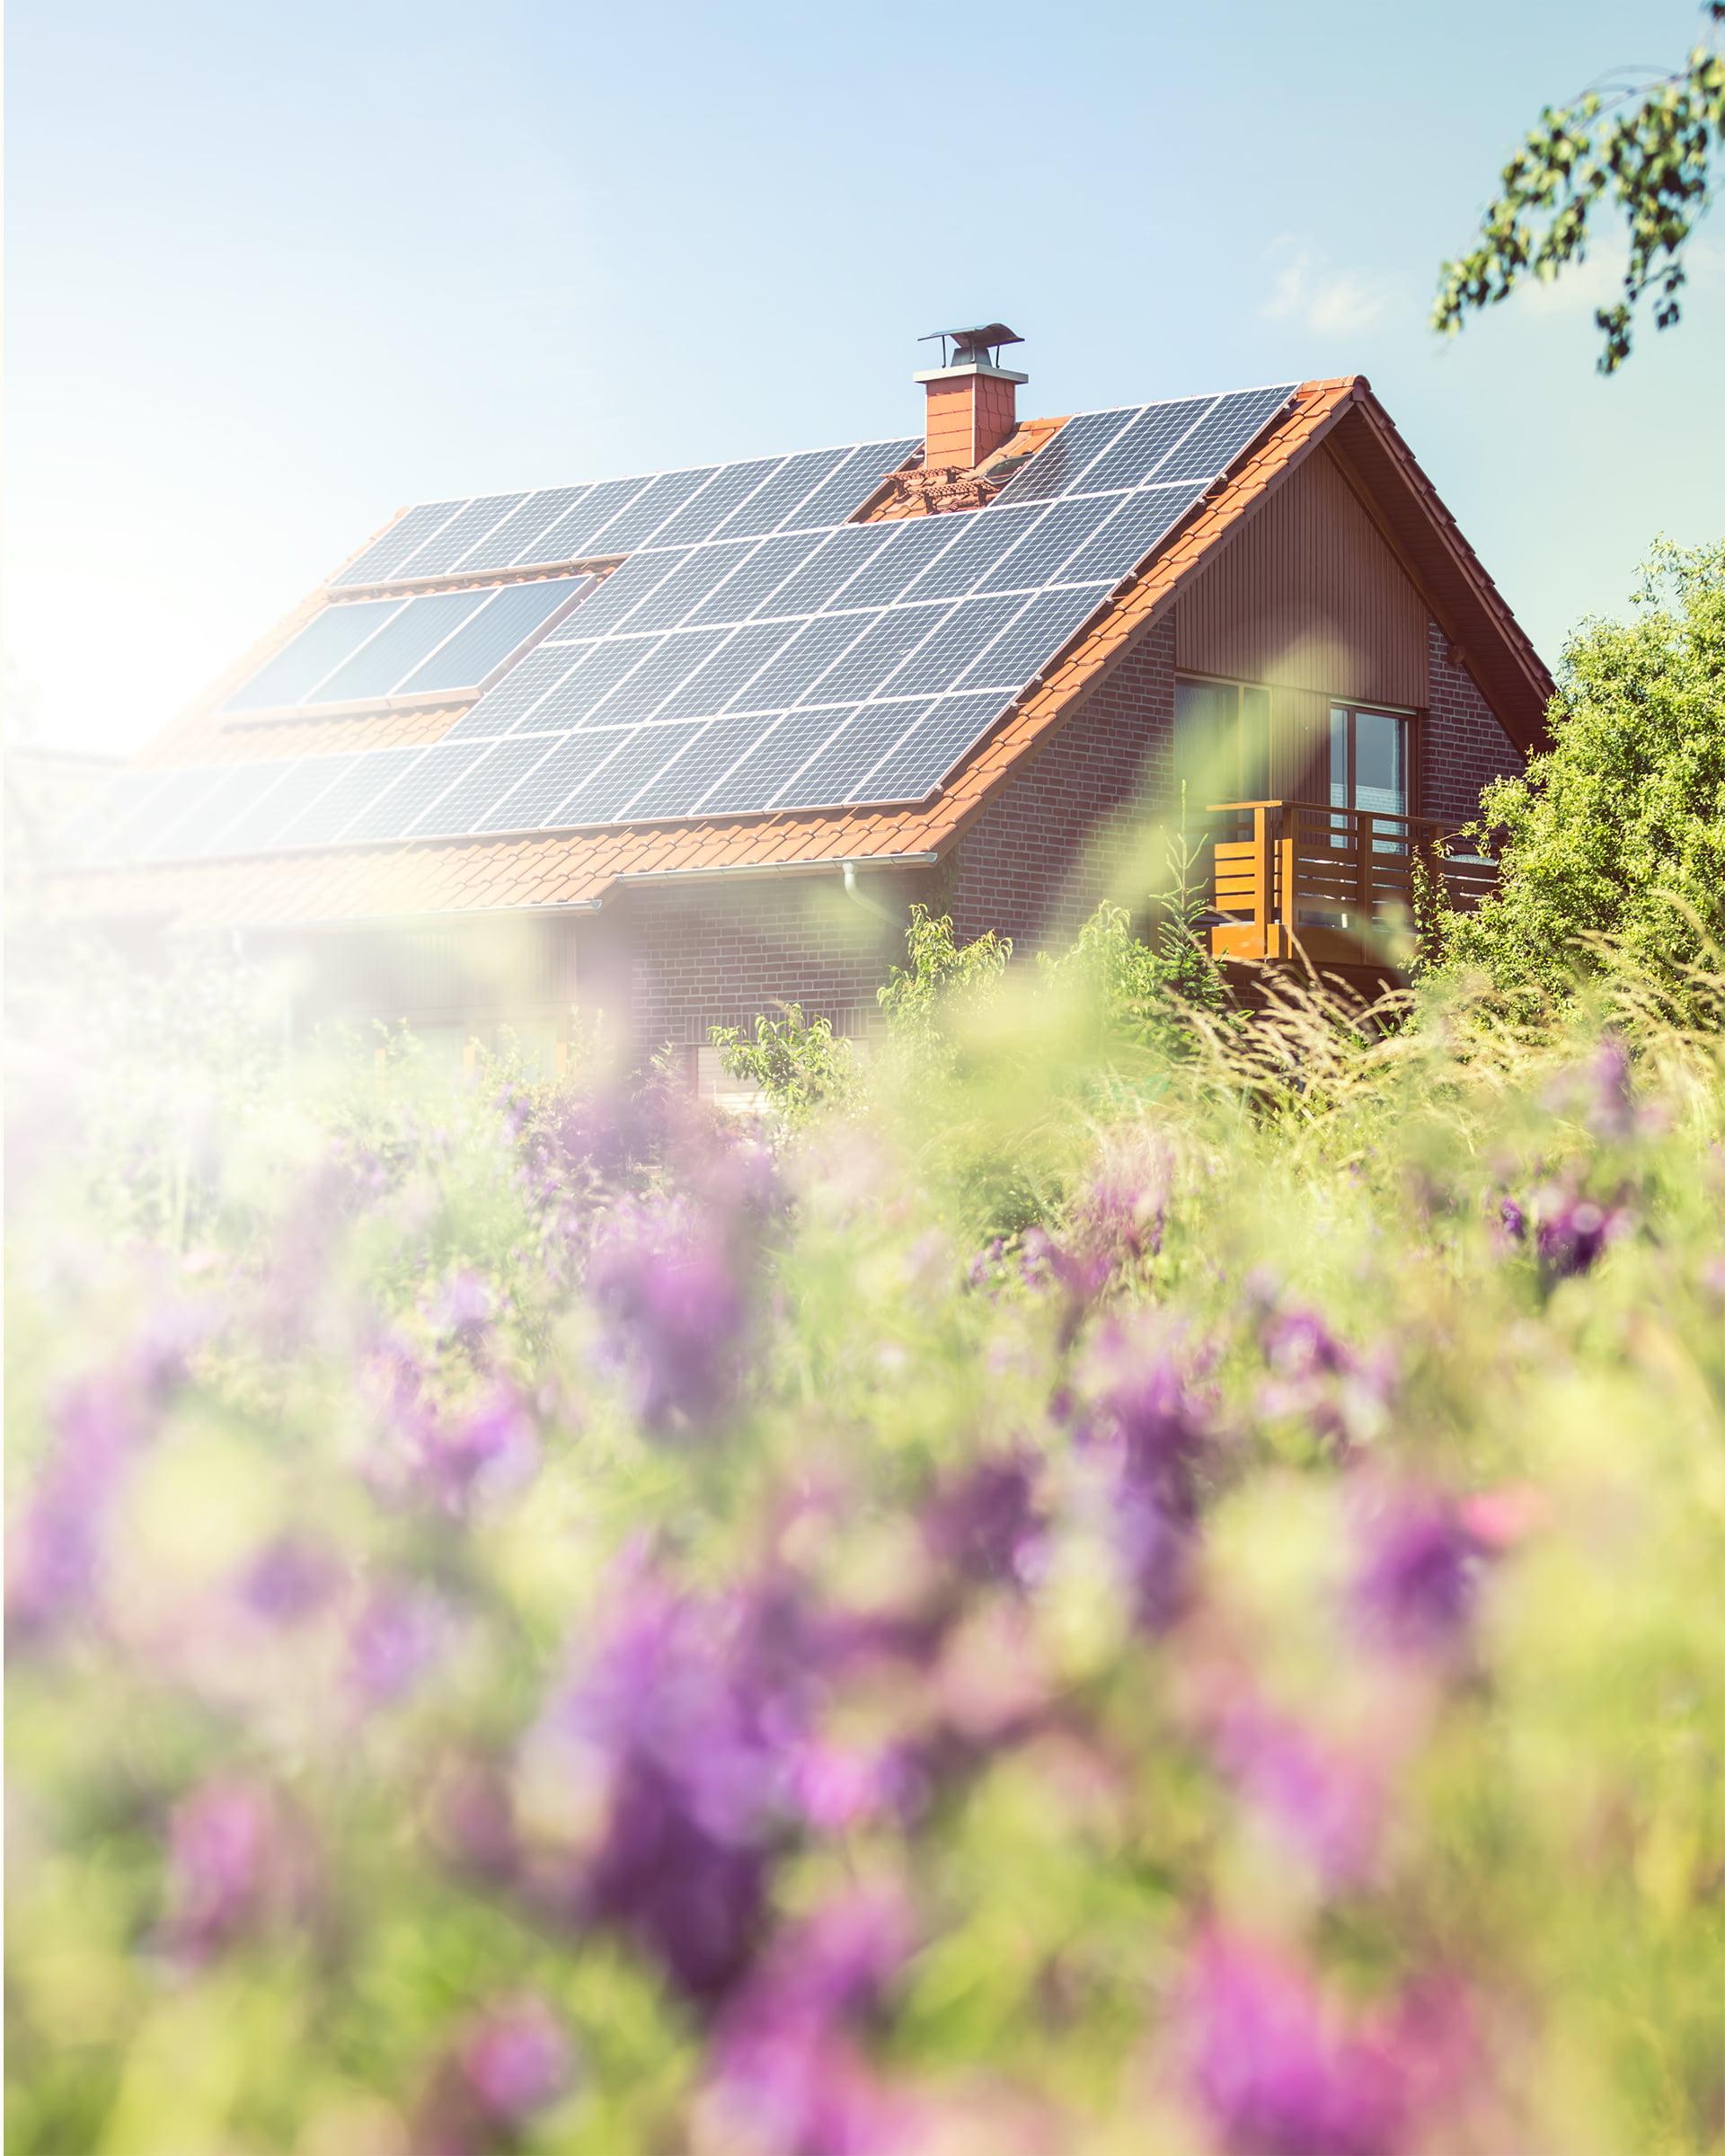 4 idées reçues sur les panneaux photovoltaïques | Energreen